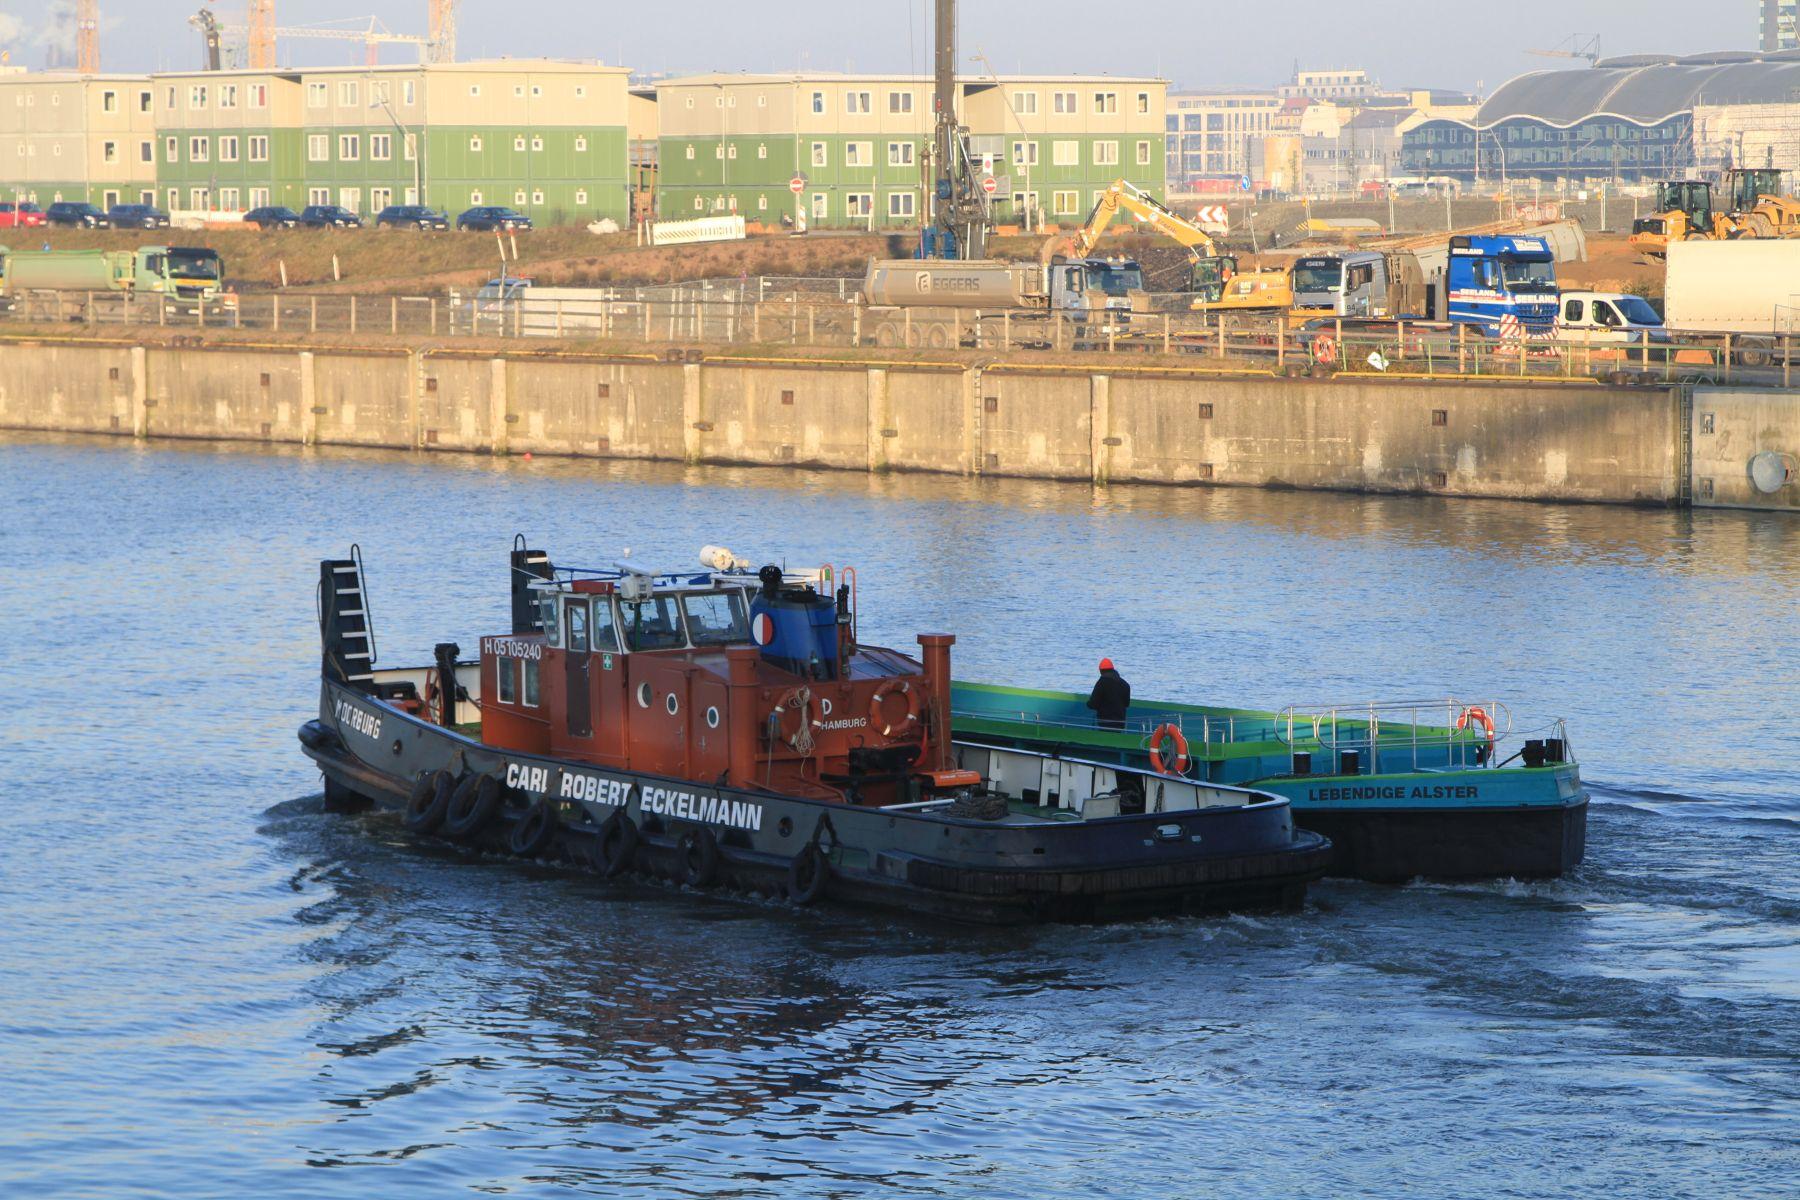 Die Grüne Schute auf dem Weg von der Grube Werft im Holzhafen zum Alsterfleet (Foto: A. Lampe).